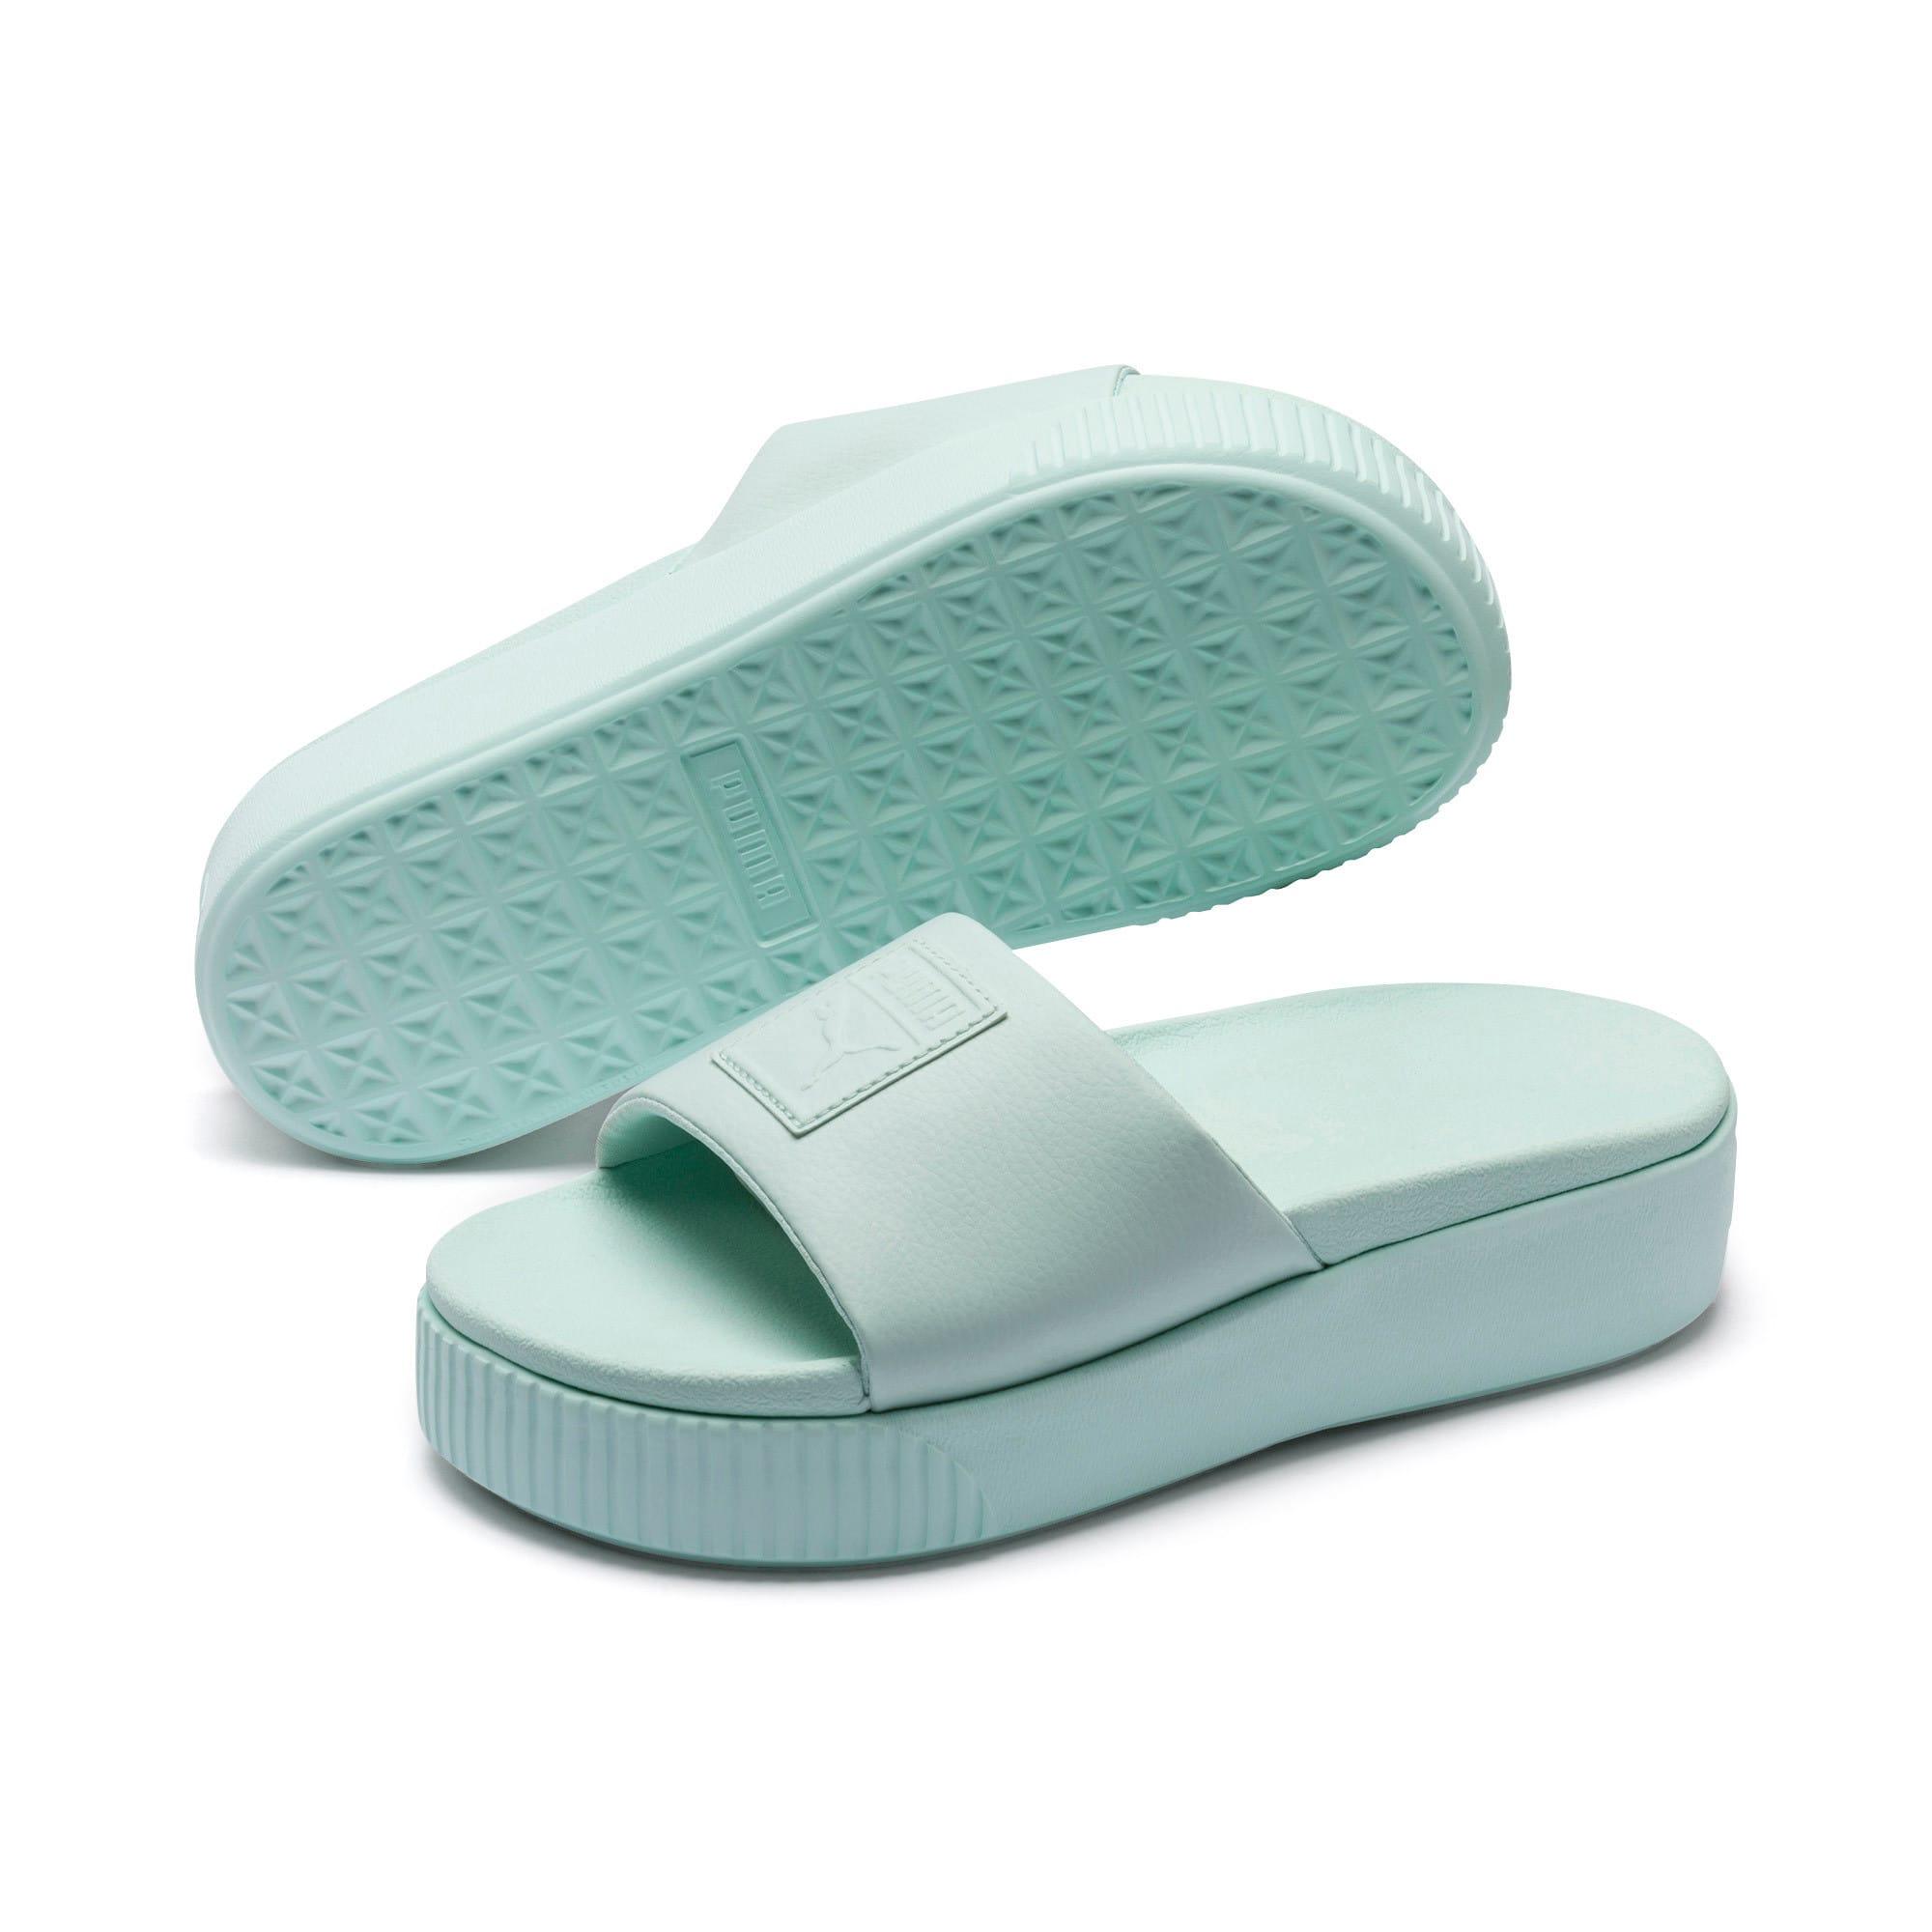 Thumbnail 2 of Platform Slide Women's Sandals, Fair Aqua-Fair Aqua, medium